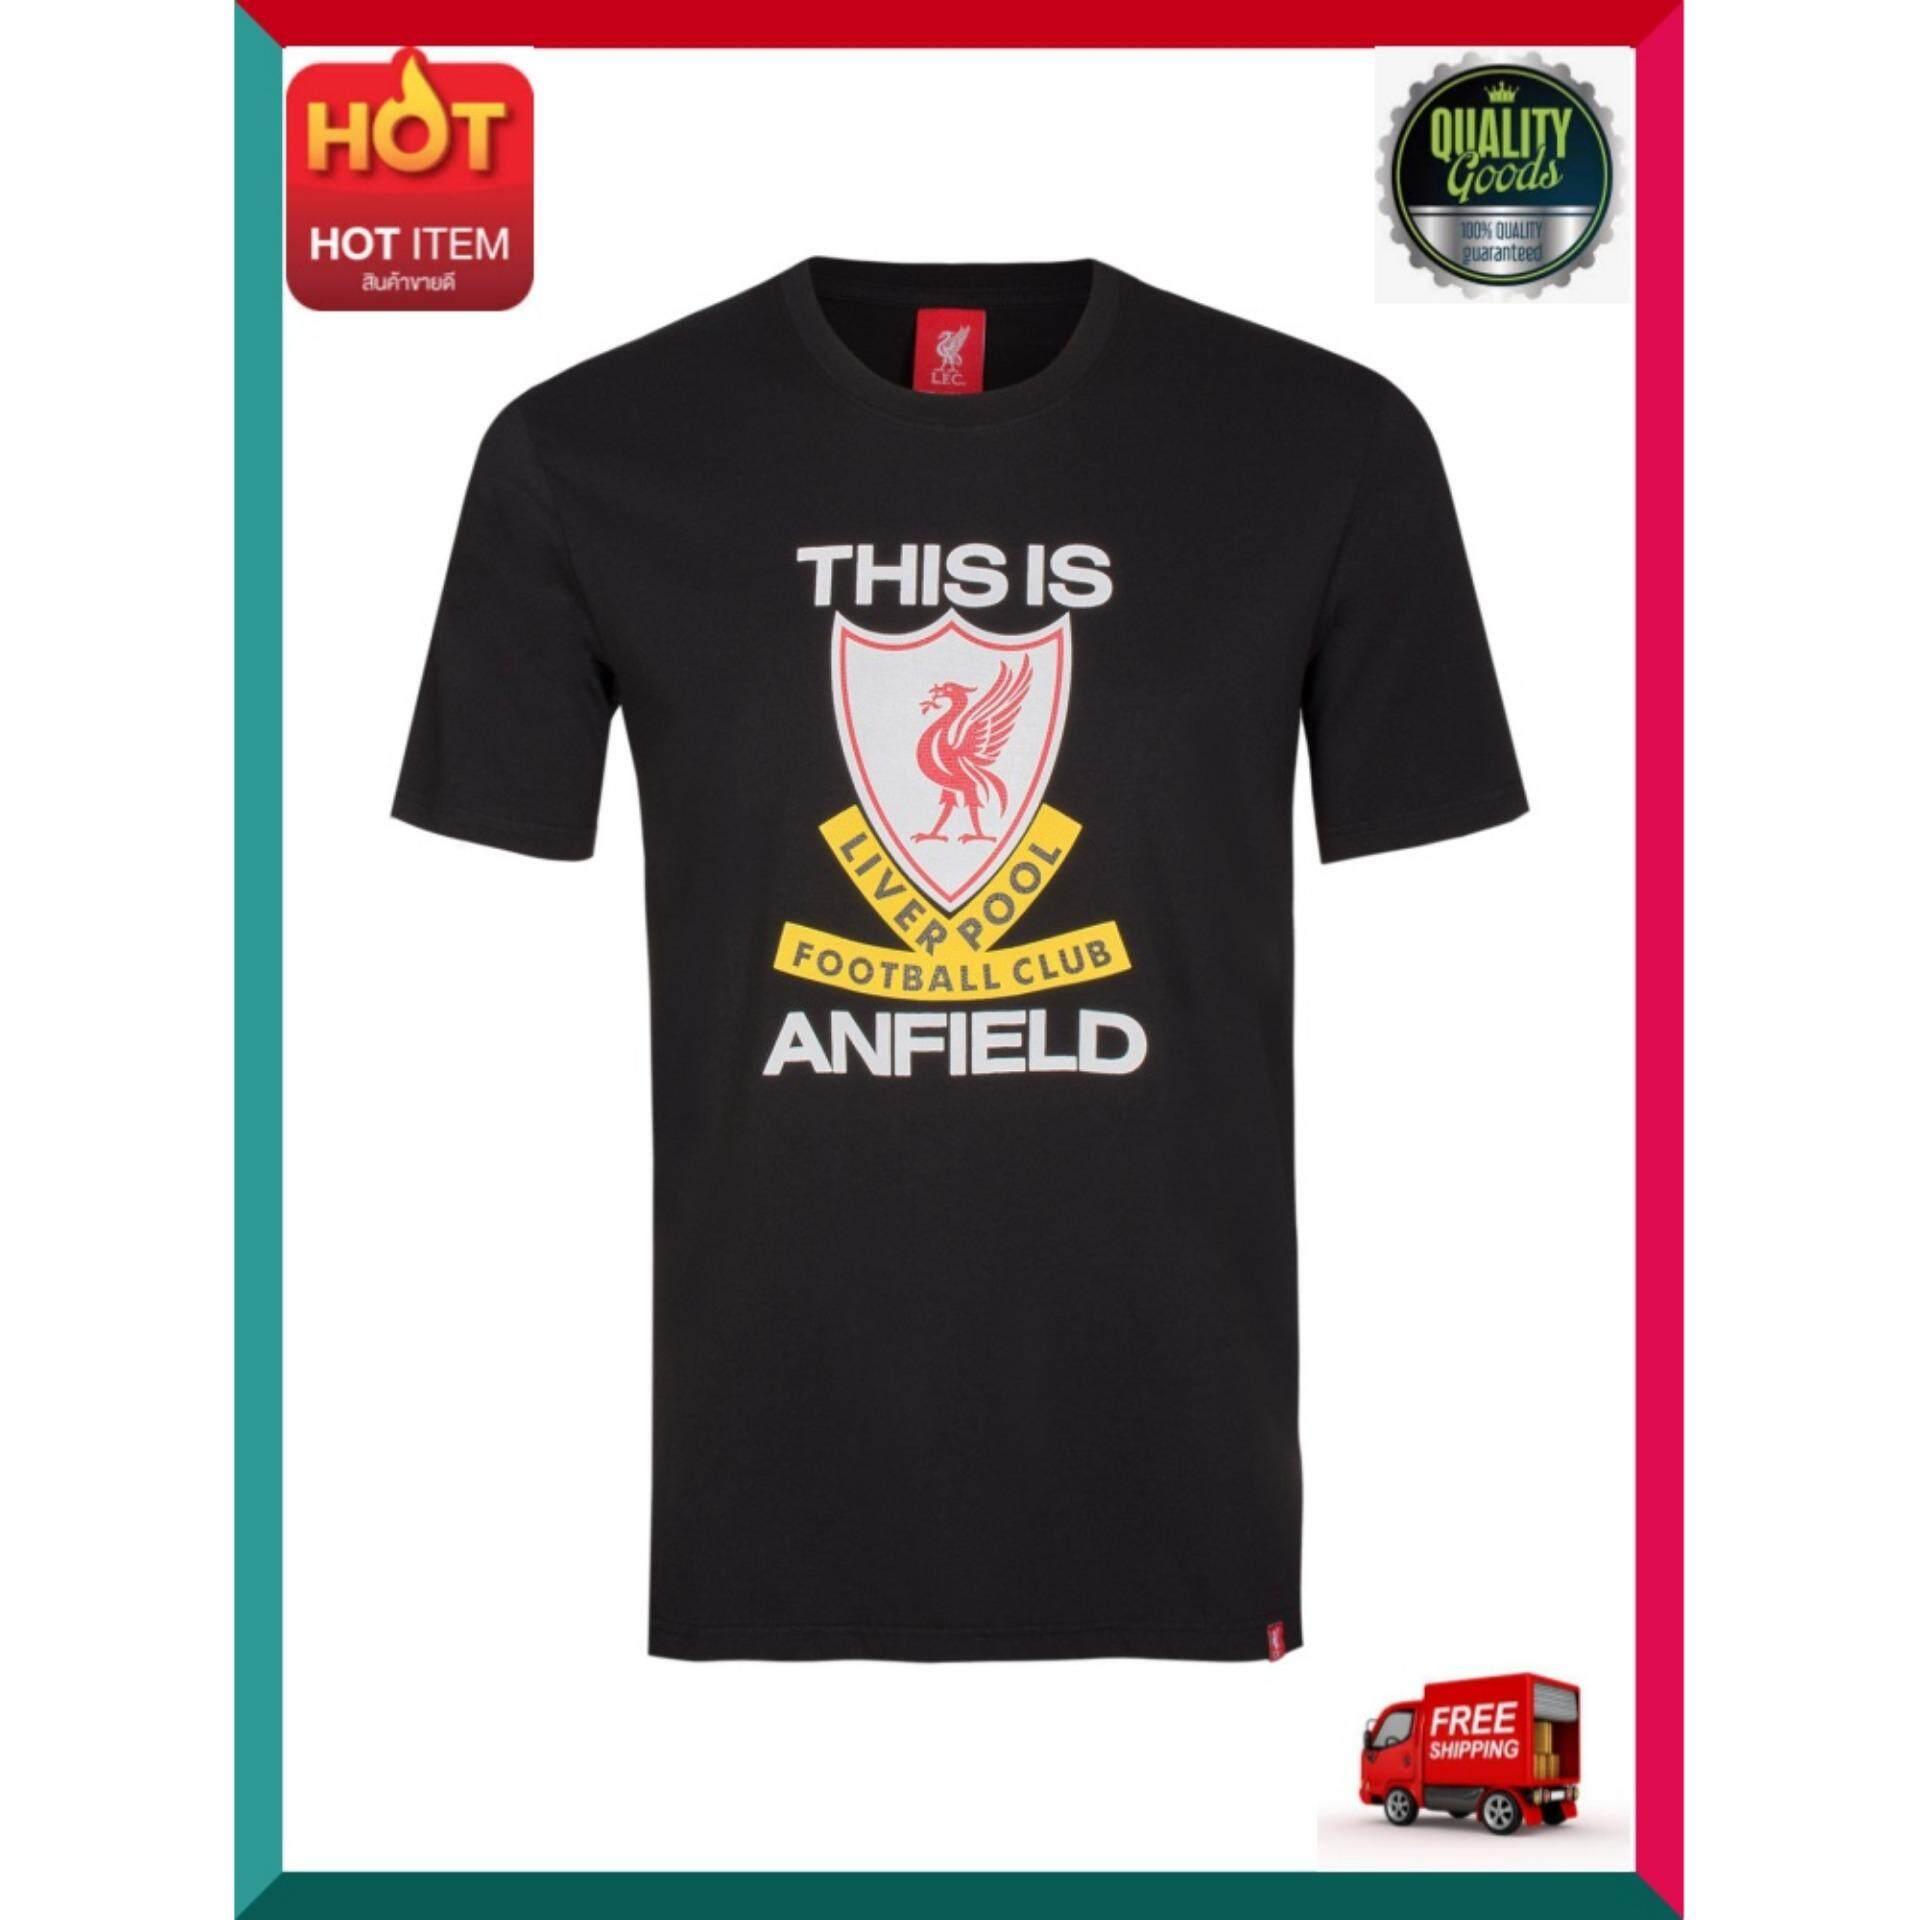 ด่วน ของมีจำนวนจำกัด Lfc เสื้อยืดผู้ชาย เสื้อฟุตบอล เสื้อทีมฟุตบอลลิเวอร์พูล รุ่น This Is Anfield Lfc Ss18m013ts ไซส์ Xl สีดำ โปรโมชั่นสุดคุ้ม โค้งสุดท้าย By Happy Mindset.